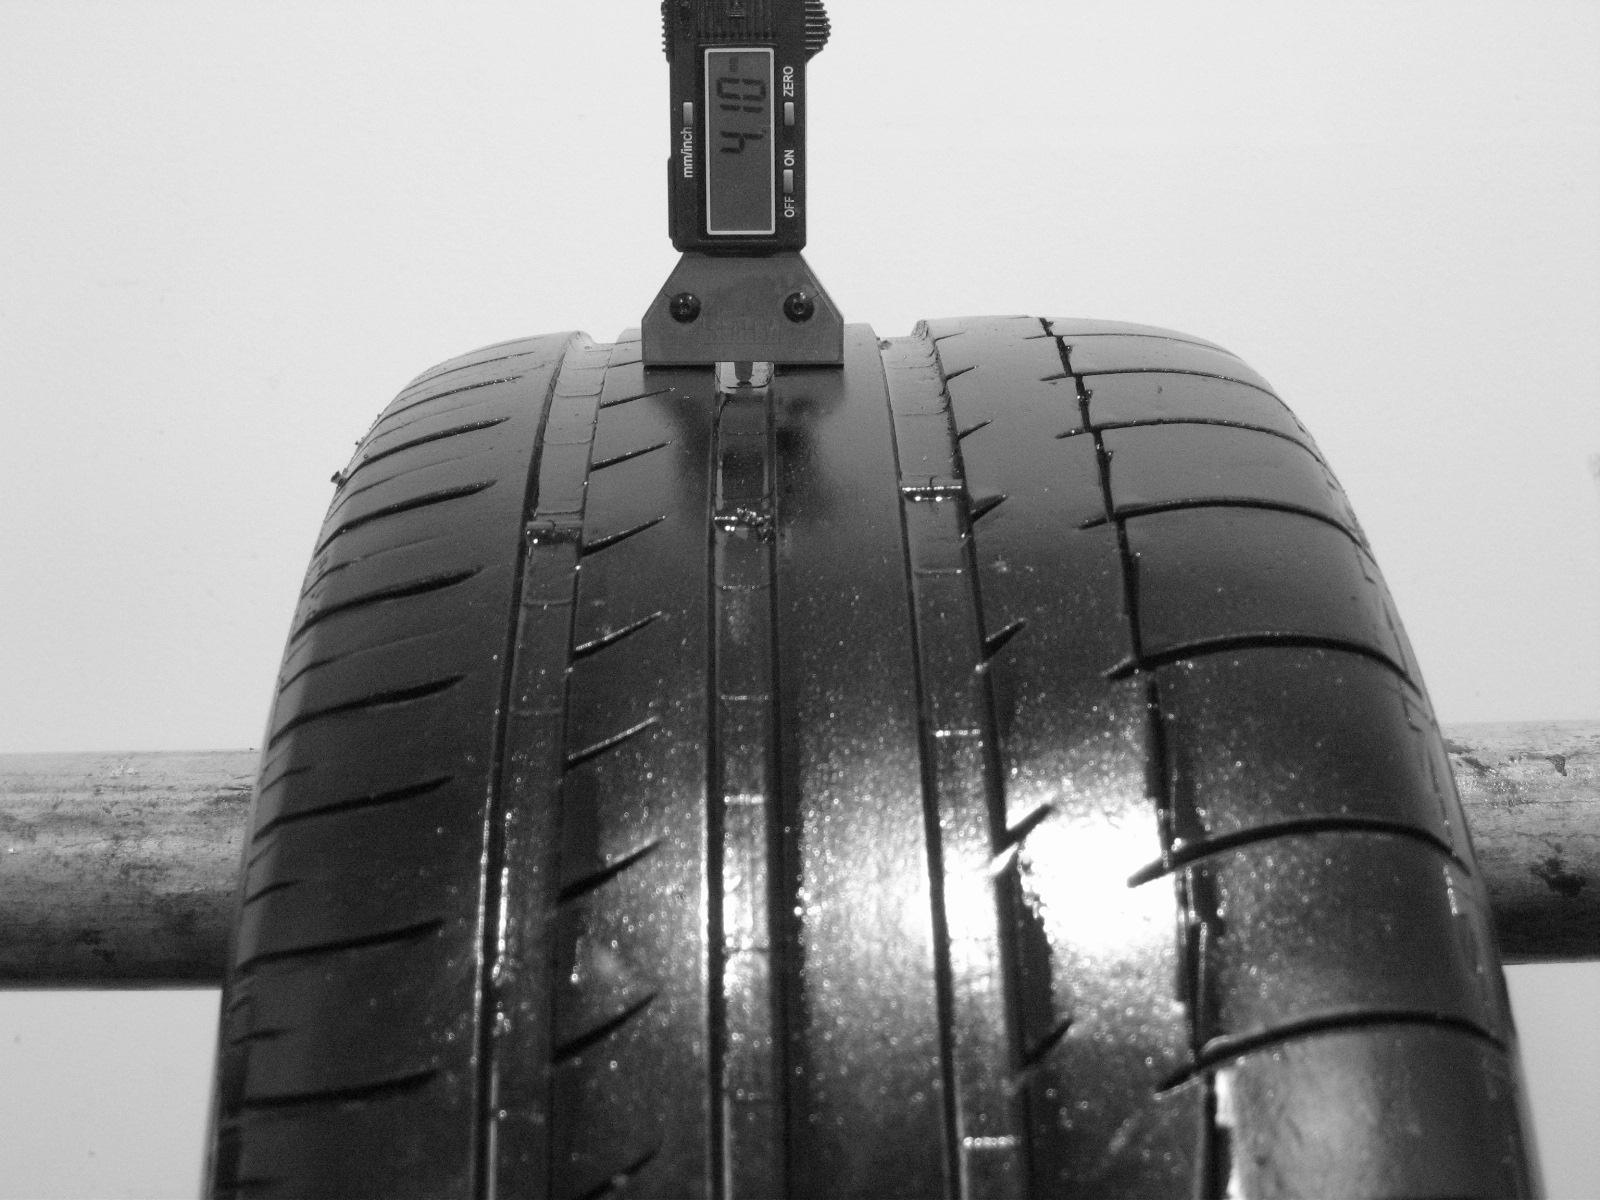 Použité-Pneu-Bazar - 235/45 R17 MICHELIN PILOT SPORT PS2 -kusovka-rezerva 3mm